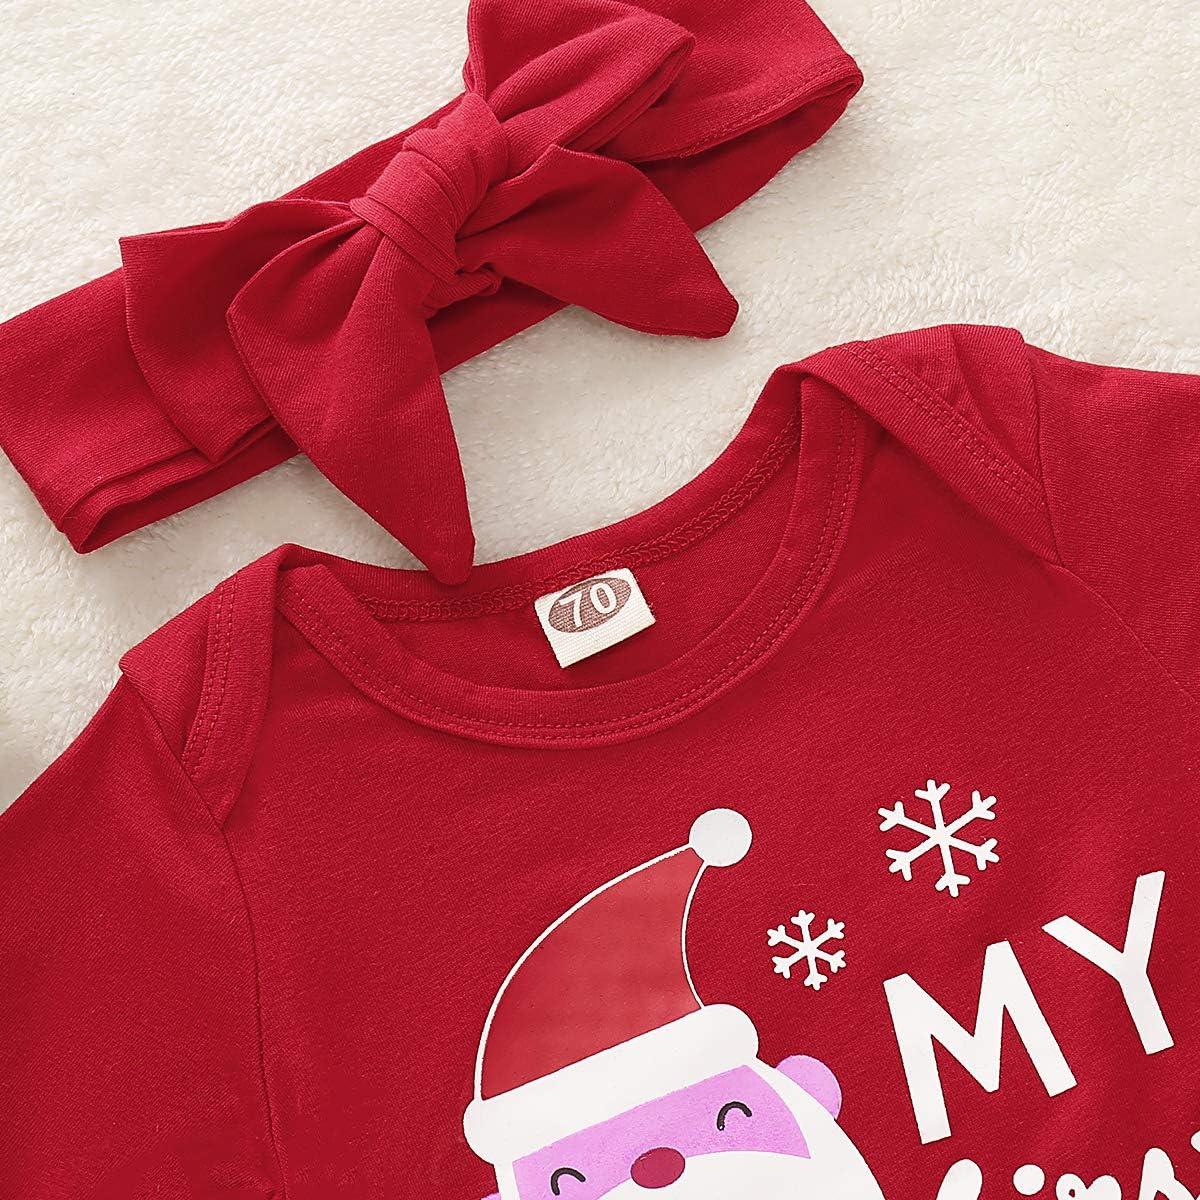 SANMIO Thanksgiving Baby Boys Outfits Clothes Toddler Baby Boys Clothing for Thanksgiving Christmas